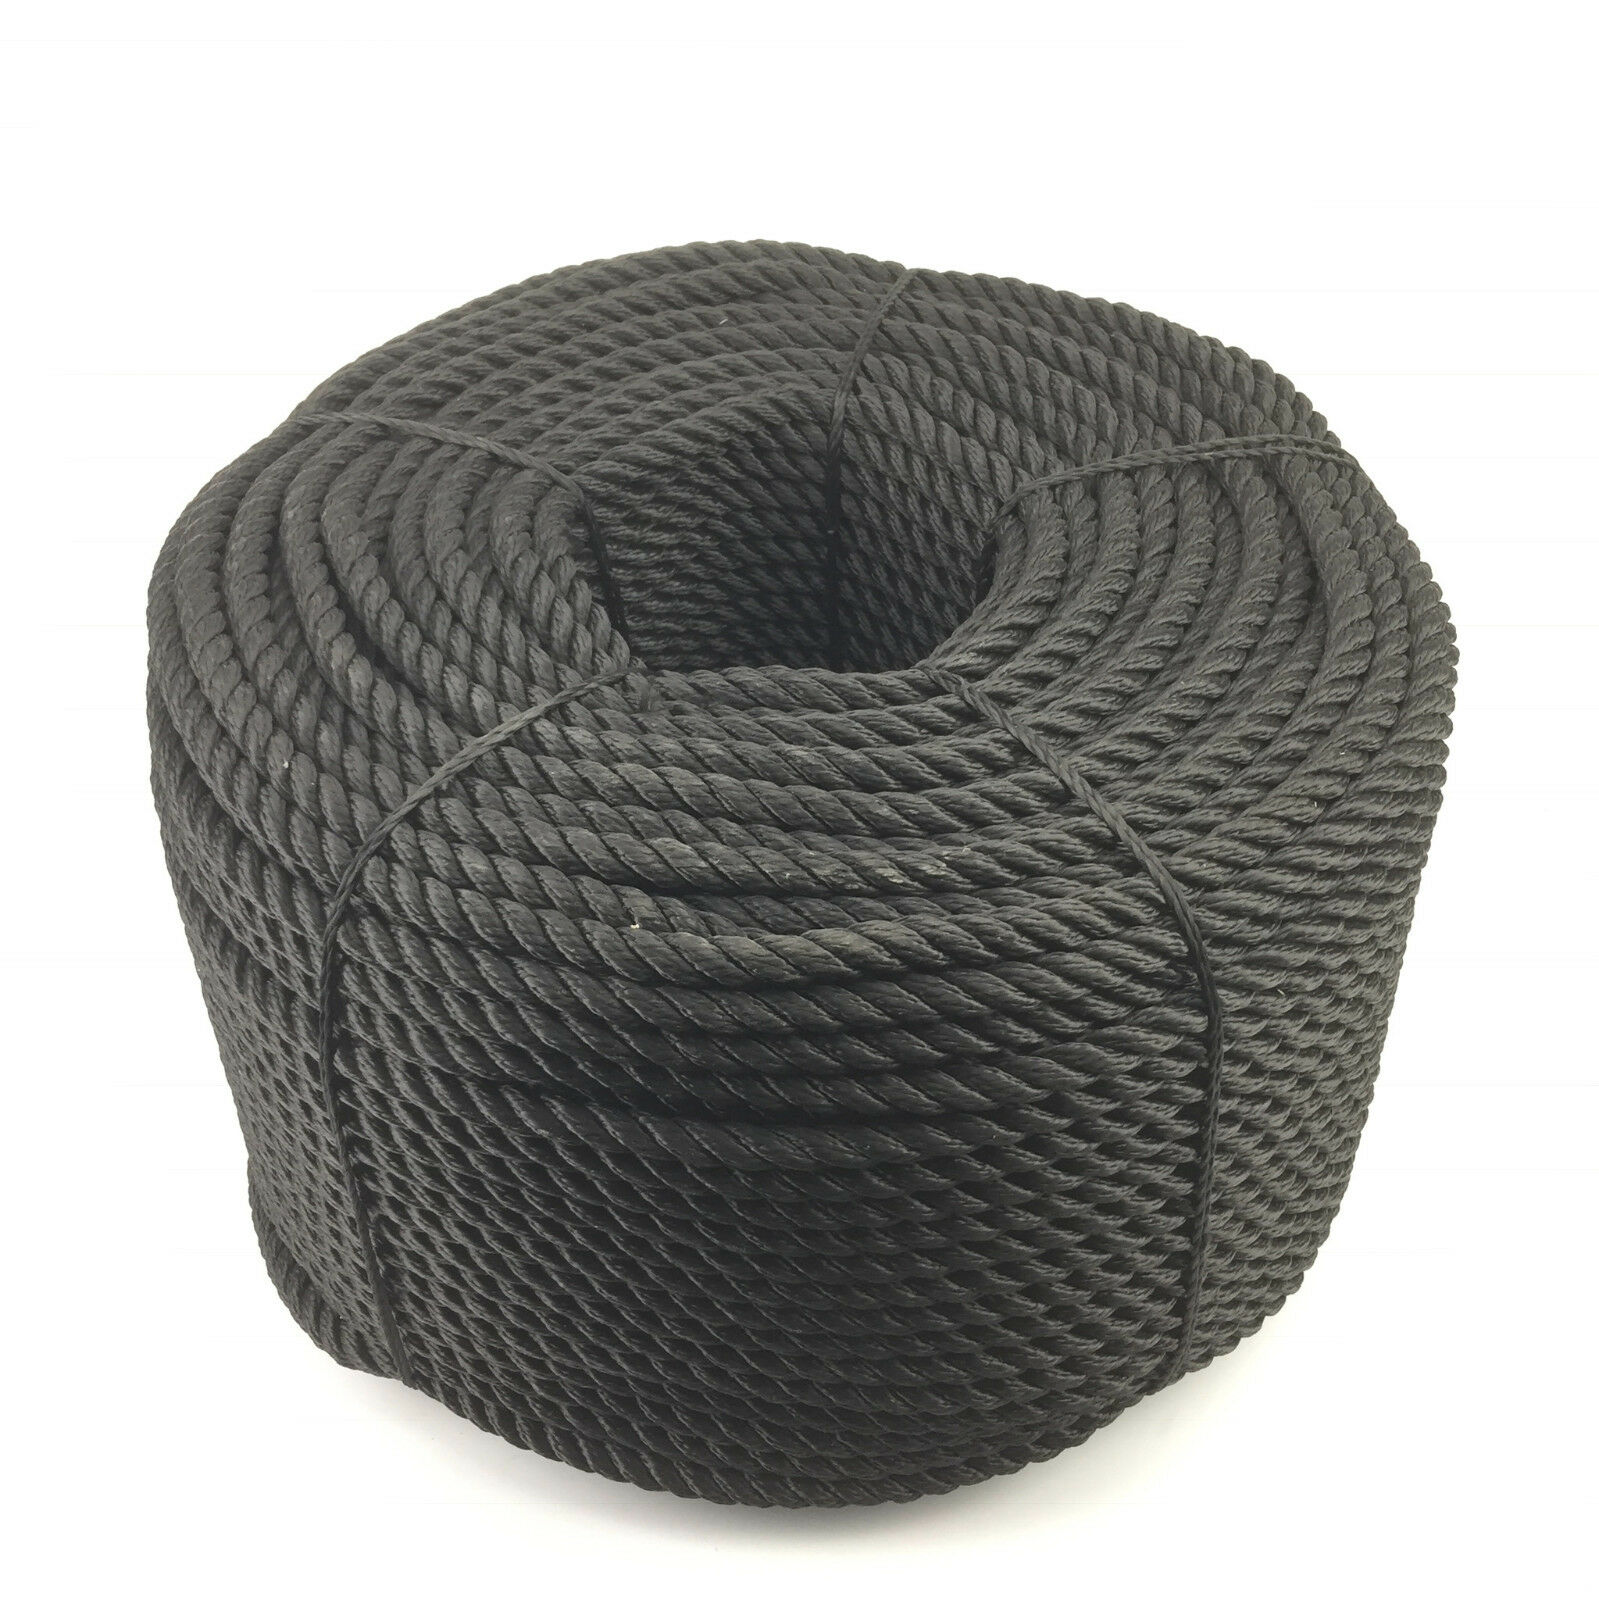 14mm 14mm 14mm schwarz 3-Strang Multifilament x 40 M (schwimmende Seil) Softline Seil 982172